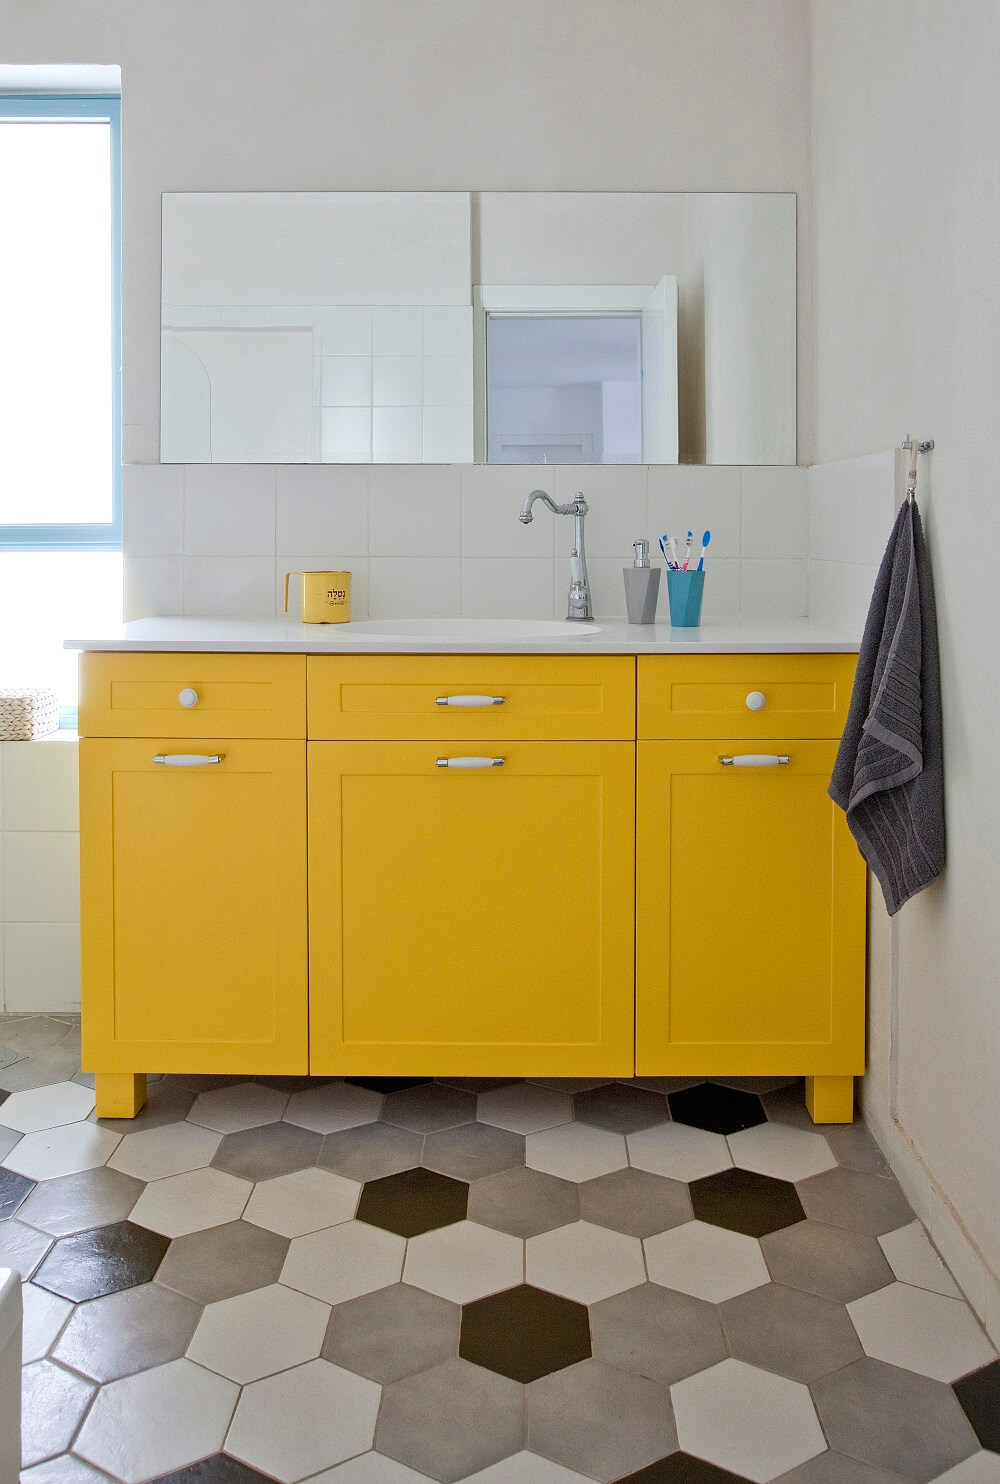 ארון אמבטיה צהוב